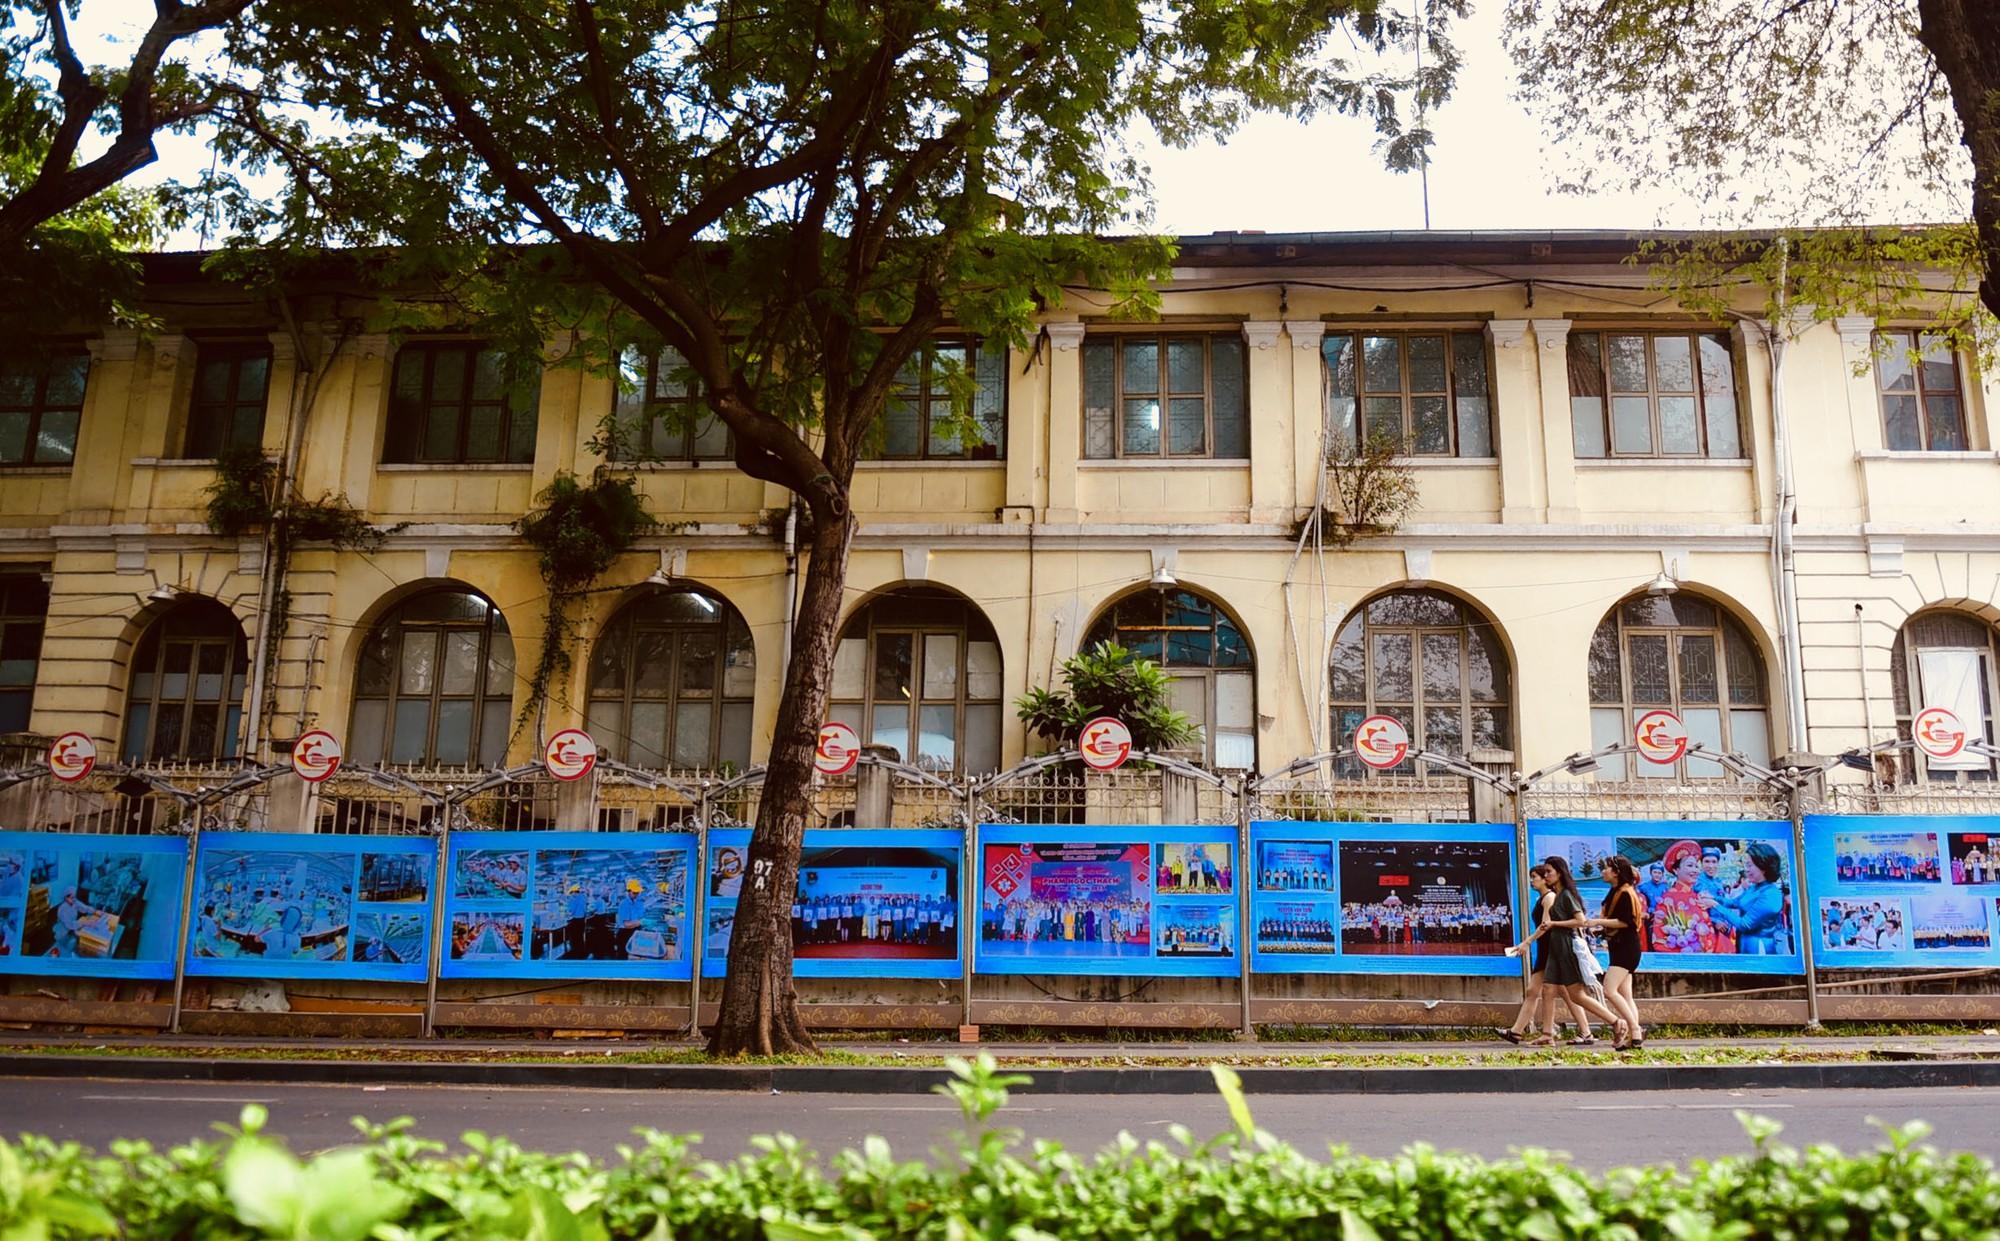 Cận cảnh dinh Thượng Thơ 120 năm tuổi ở Sài Gòn có nguy cơ bị đập bỏ - Ảnh 17.